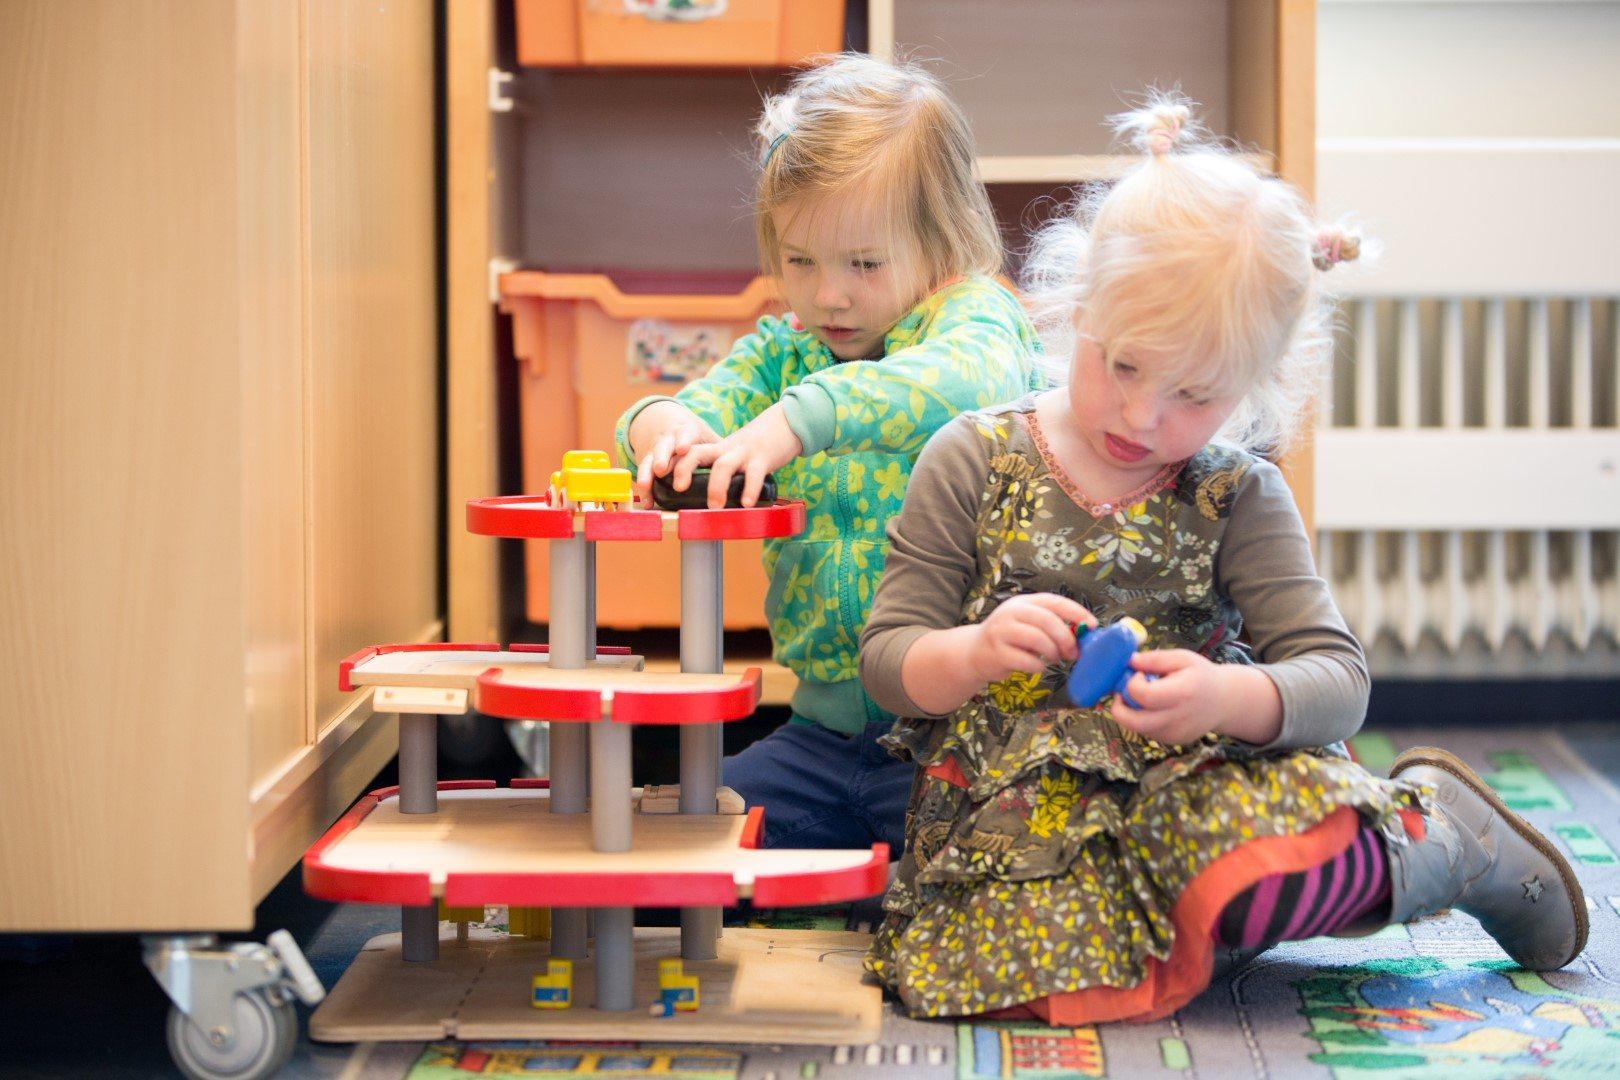 Stichting Kinderopvang Huizen : Skbnm kinderopvang kinderdagverblijven peuterspeelzalen en bso s